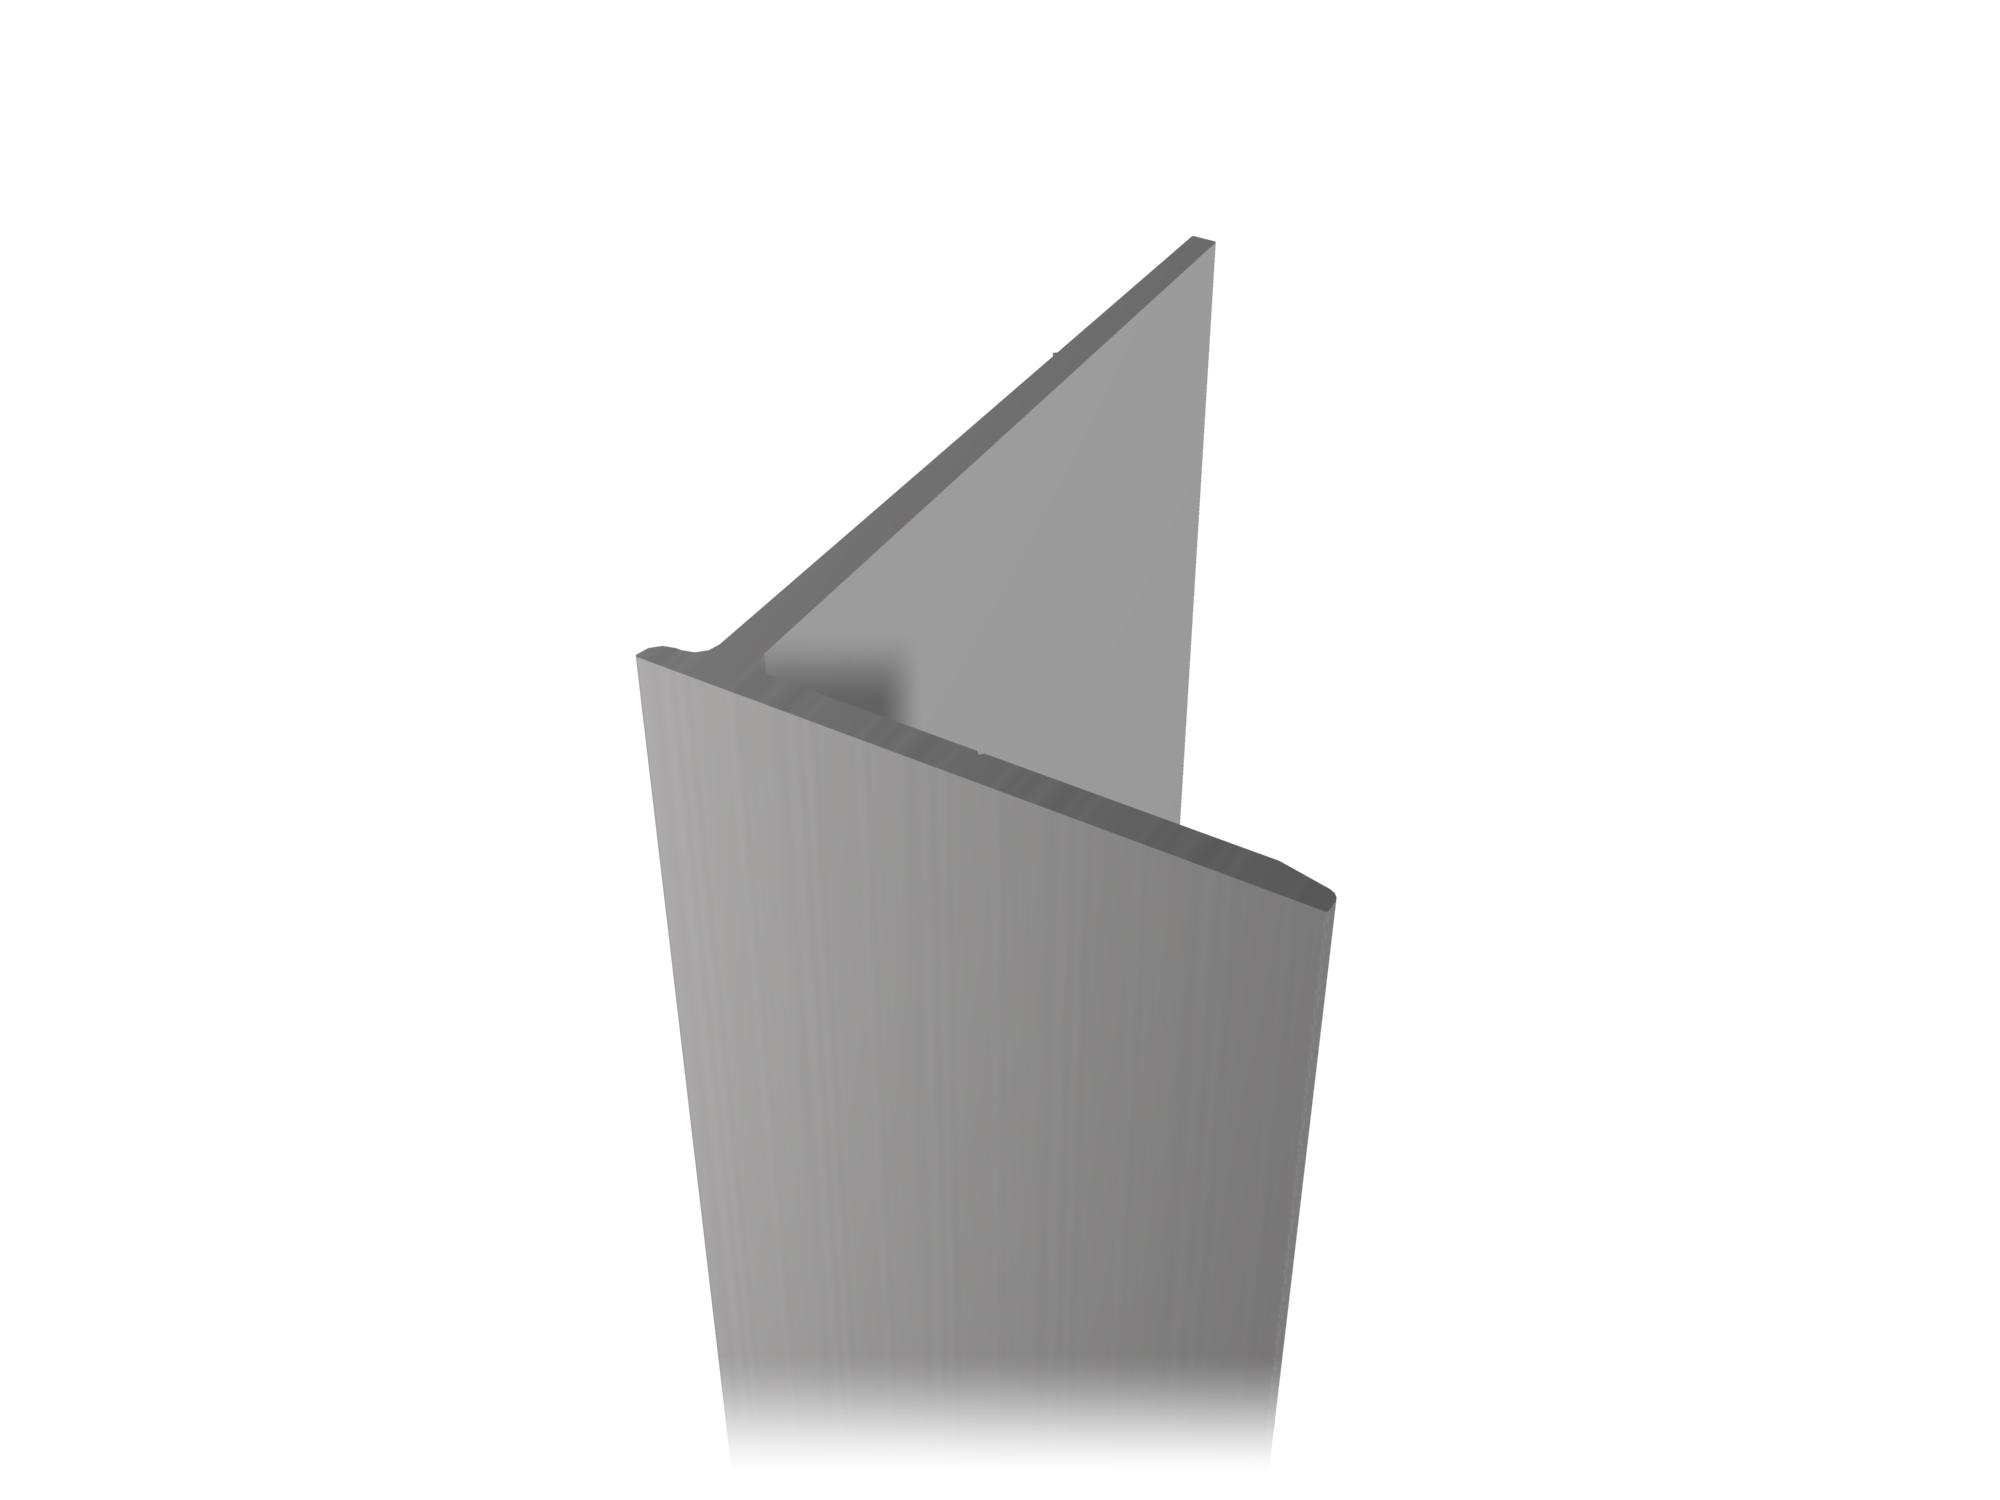 Aluminum profile A-48.1